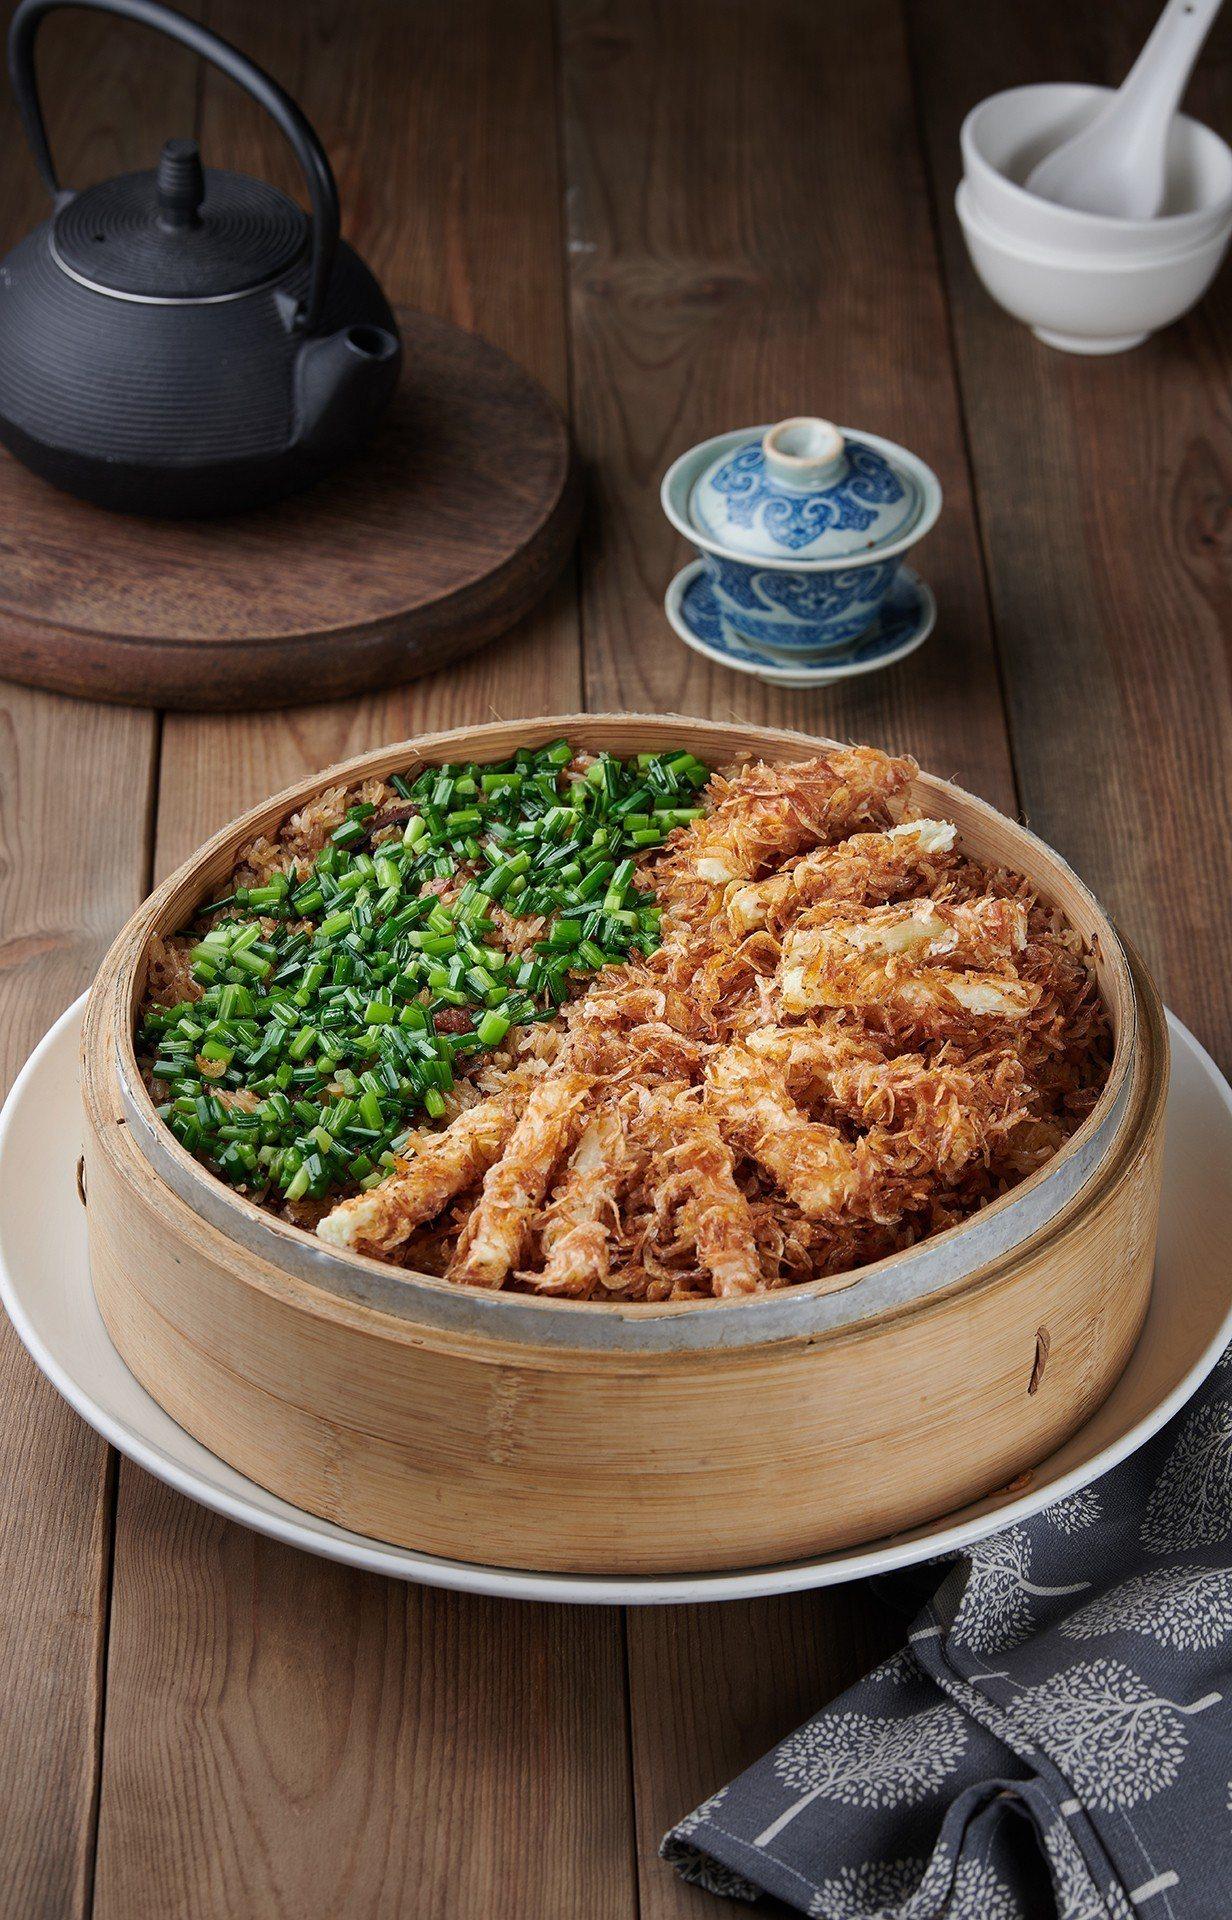 唐獎第三屆盛宴料理「留戀-櫻花蝦佐紅藜麥」。圖/唐獎教育基金會提供